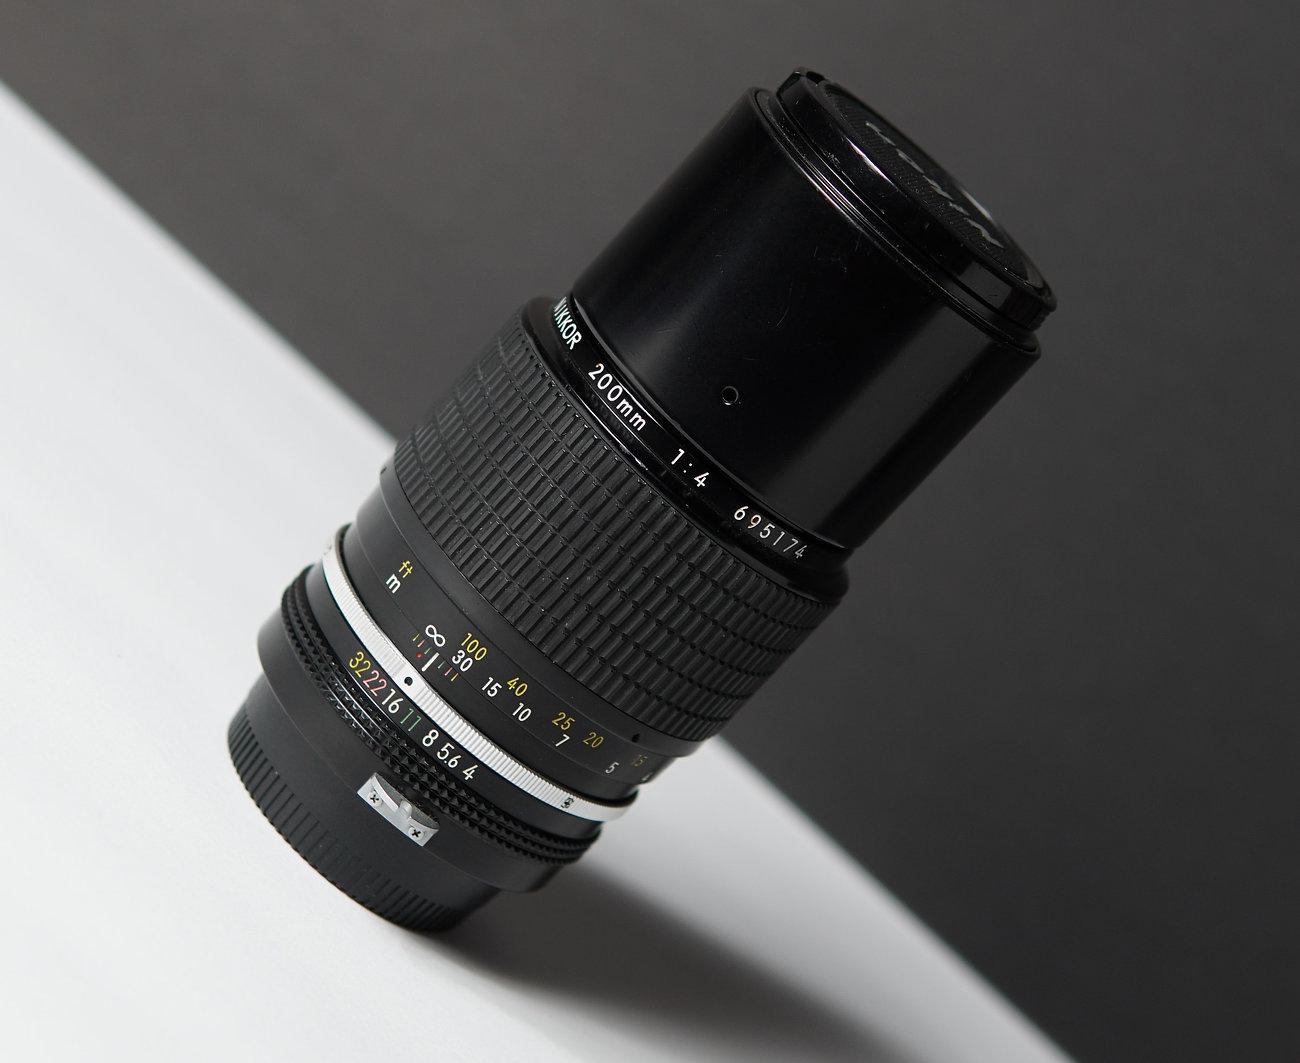 200f4.jpg